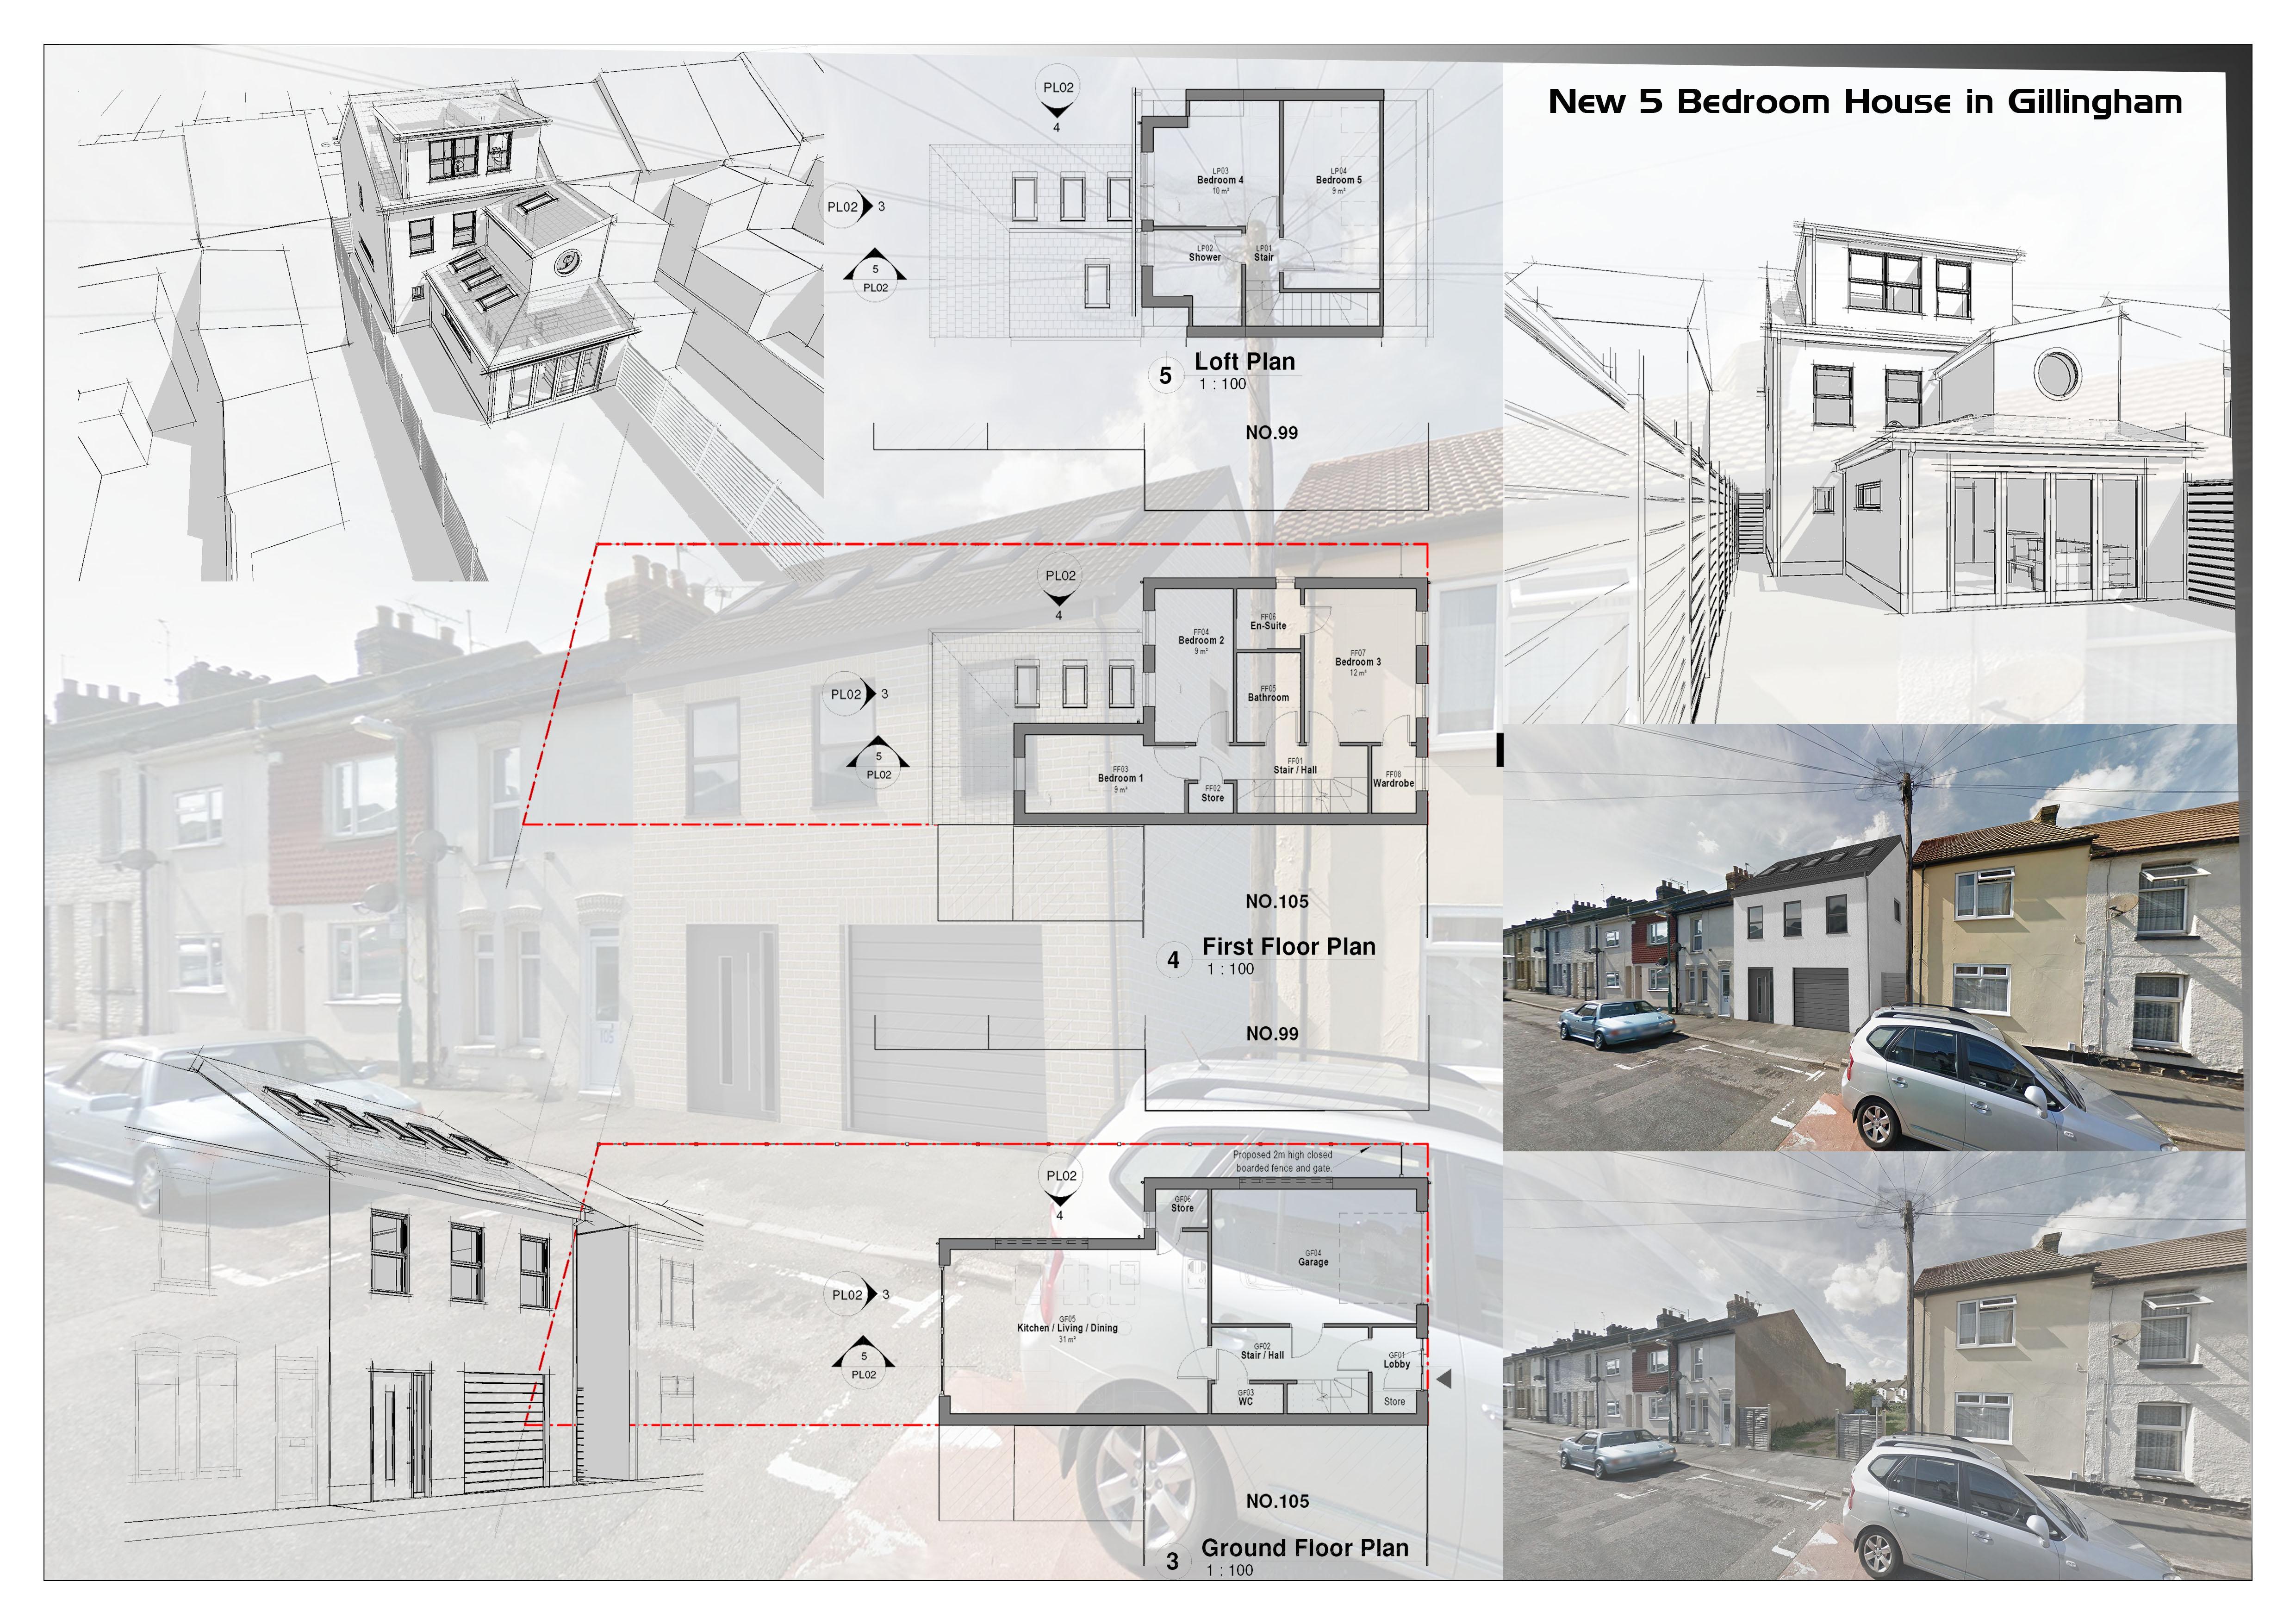 NEW HOUSE GILLINGHAM